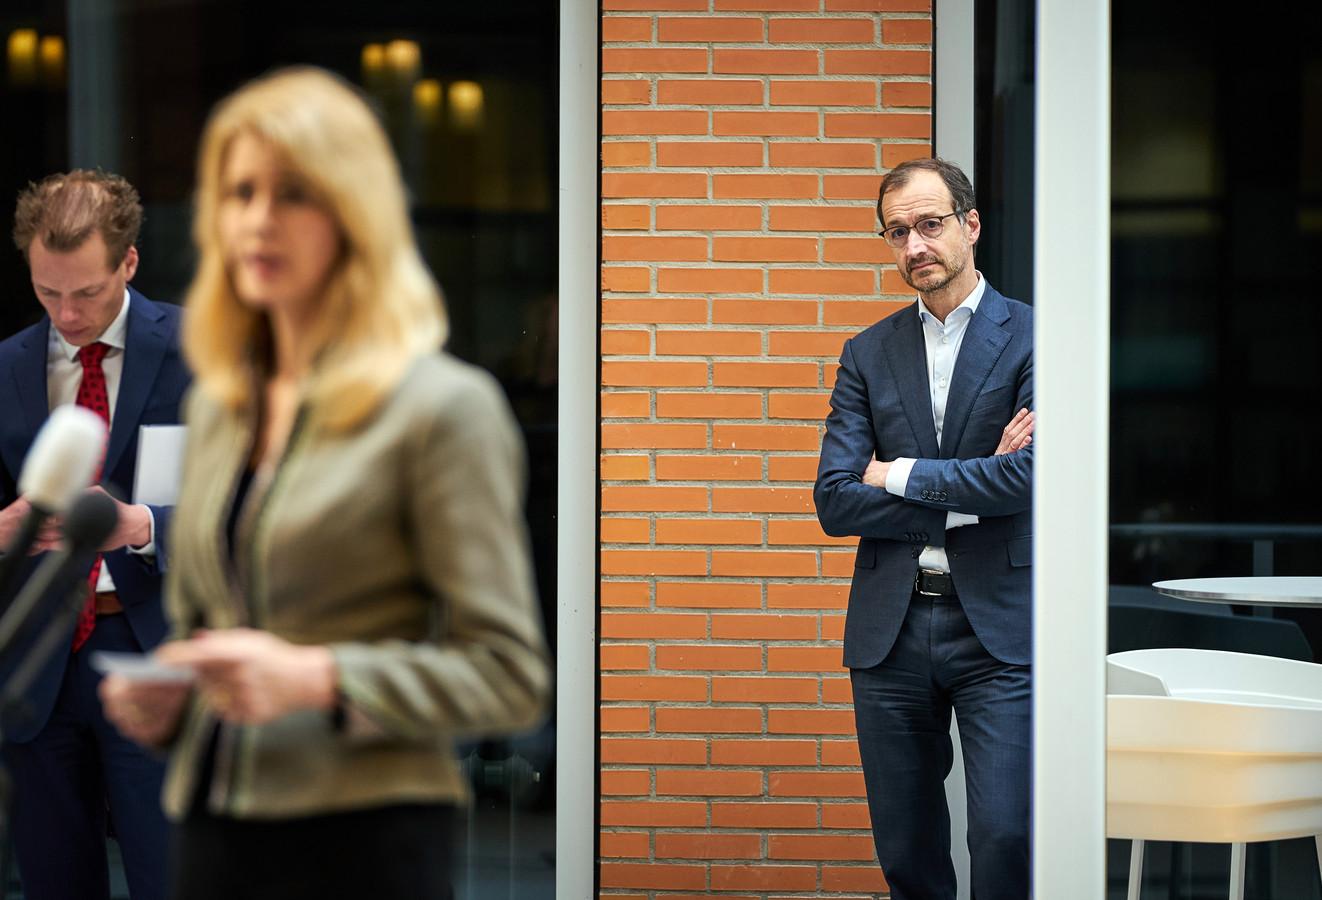 Eric Wiebes van Economische Zaken en Klimaat en Staatssecretaris Mona Keijzer van Economische Zaken en Klimaat tijdens een persconferentie.